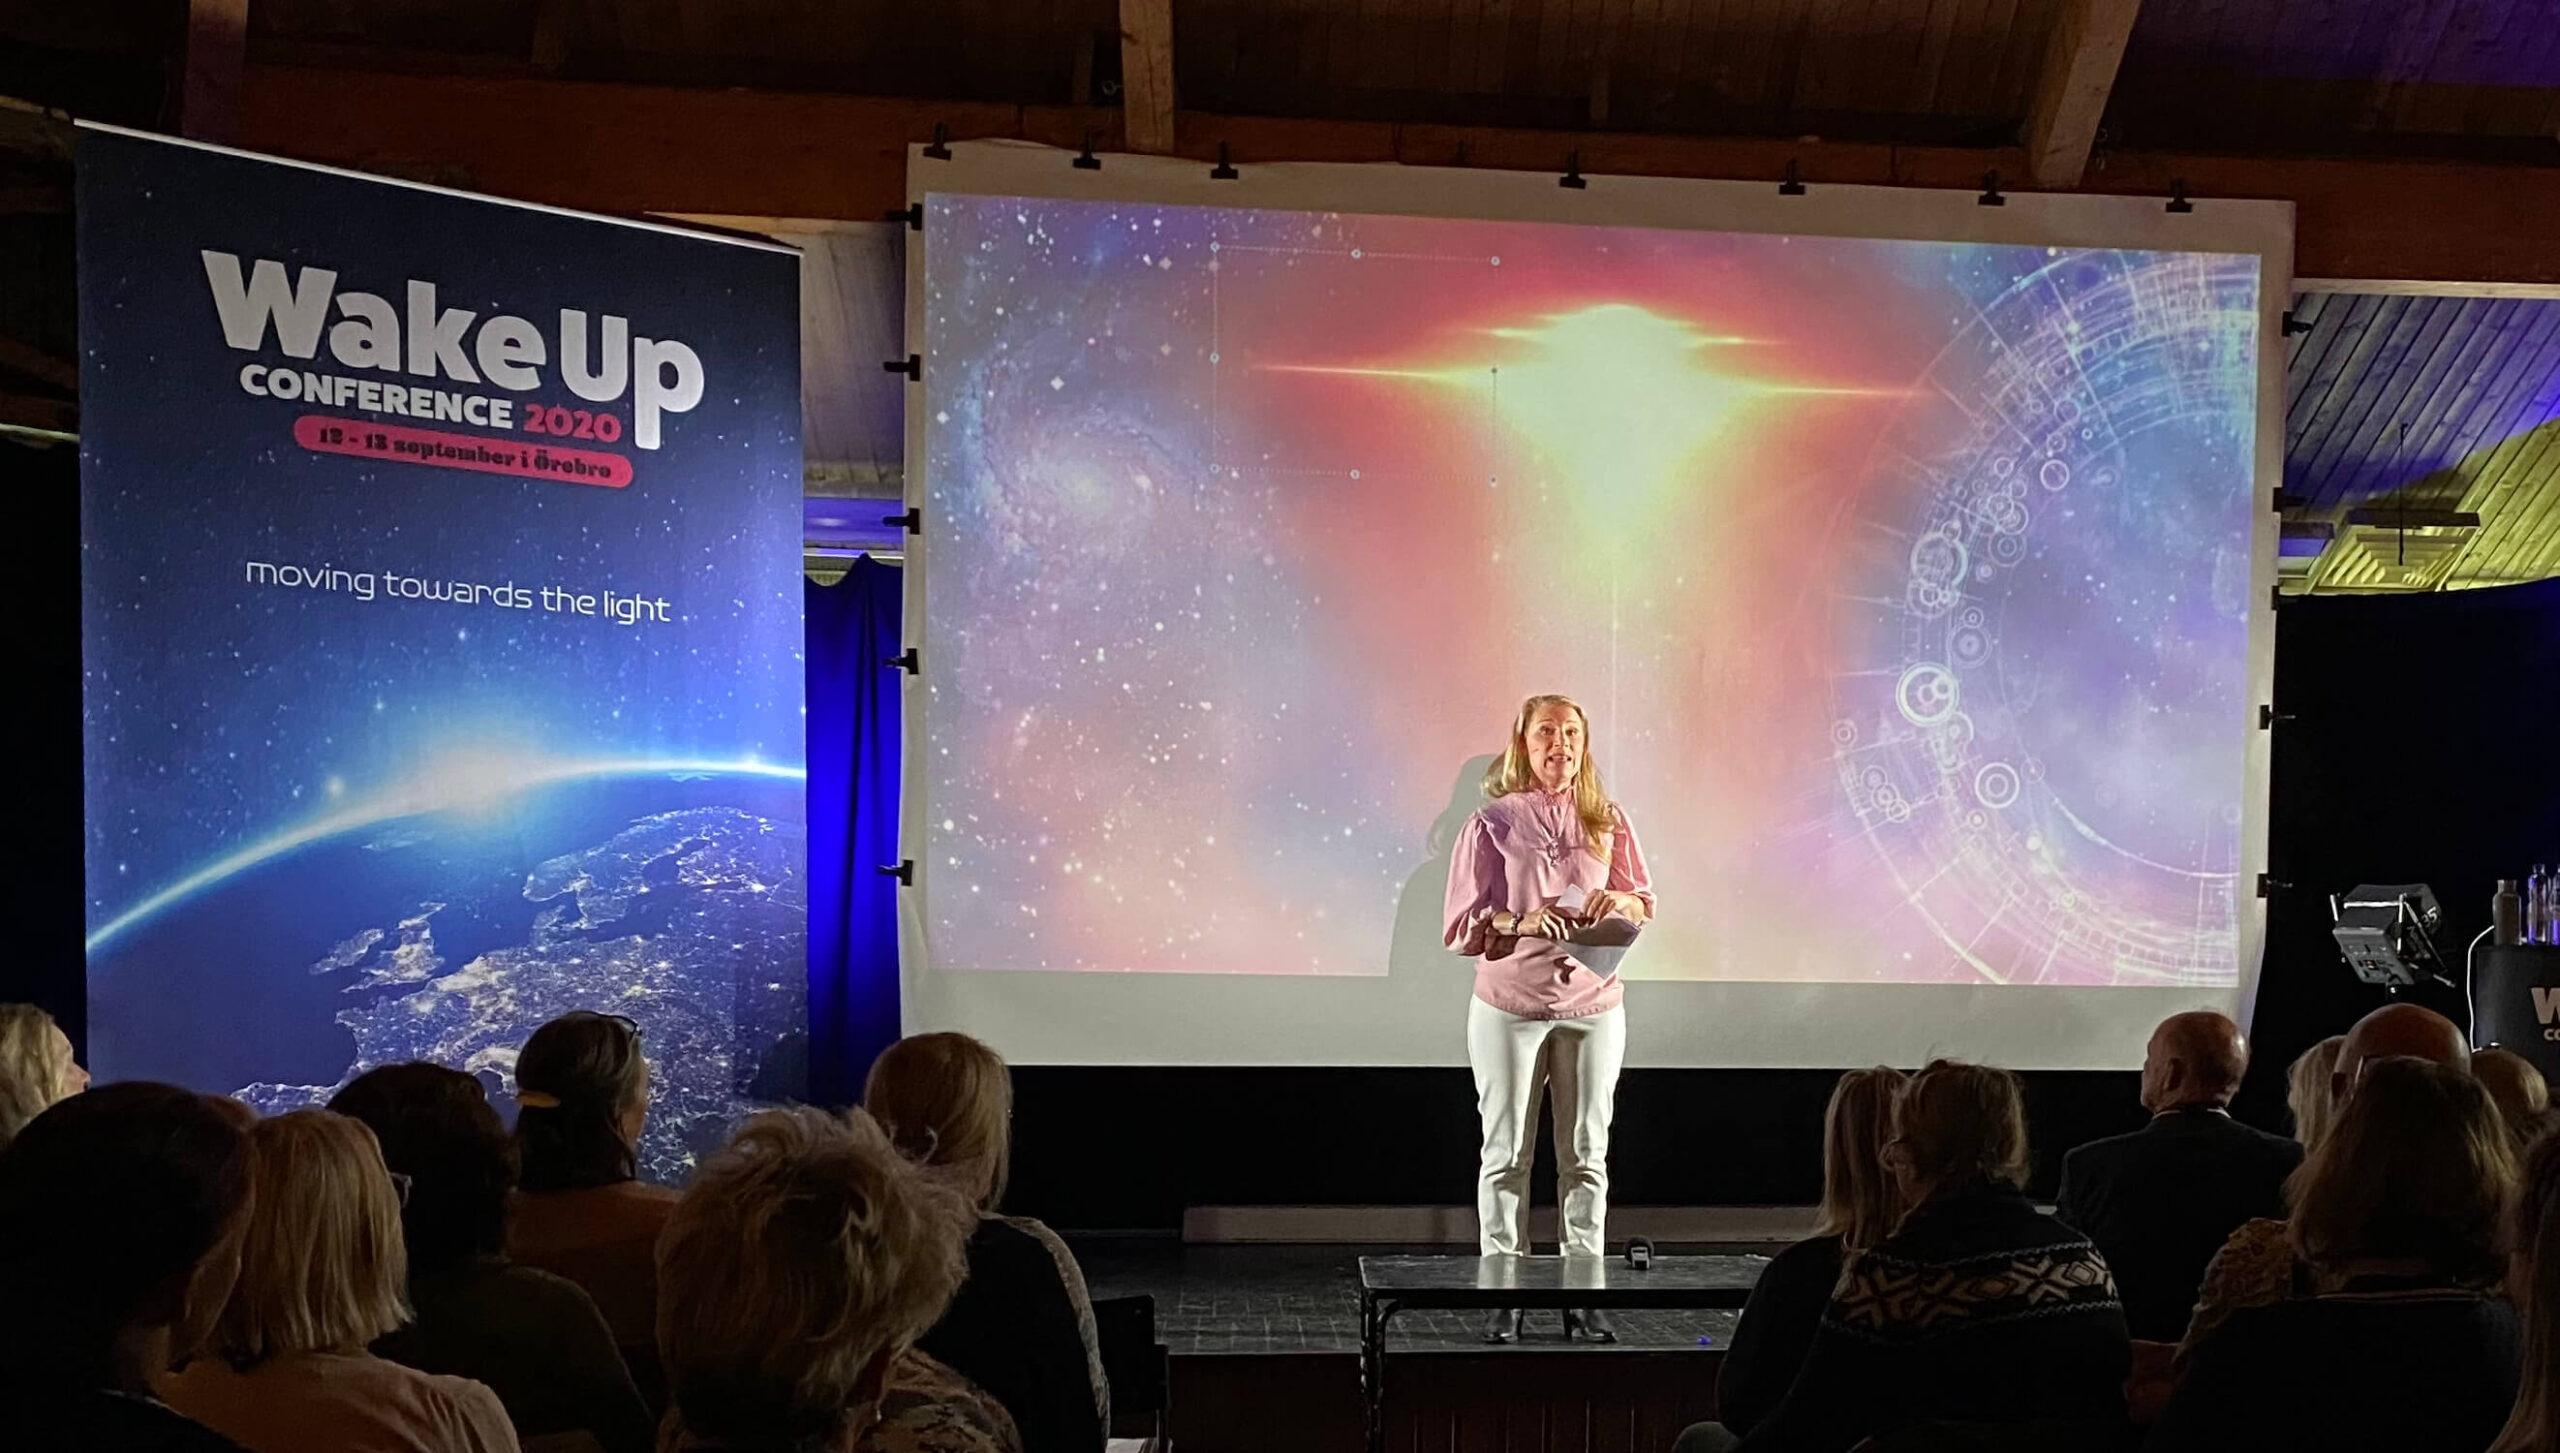 WakeUpConference 2020 – Ljusets seger, kampen är över